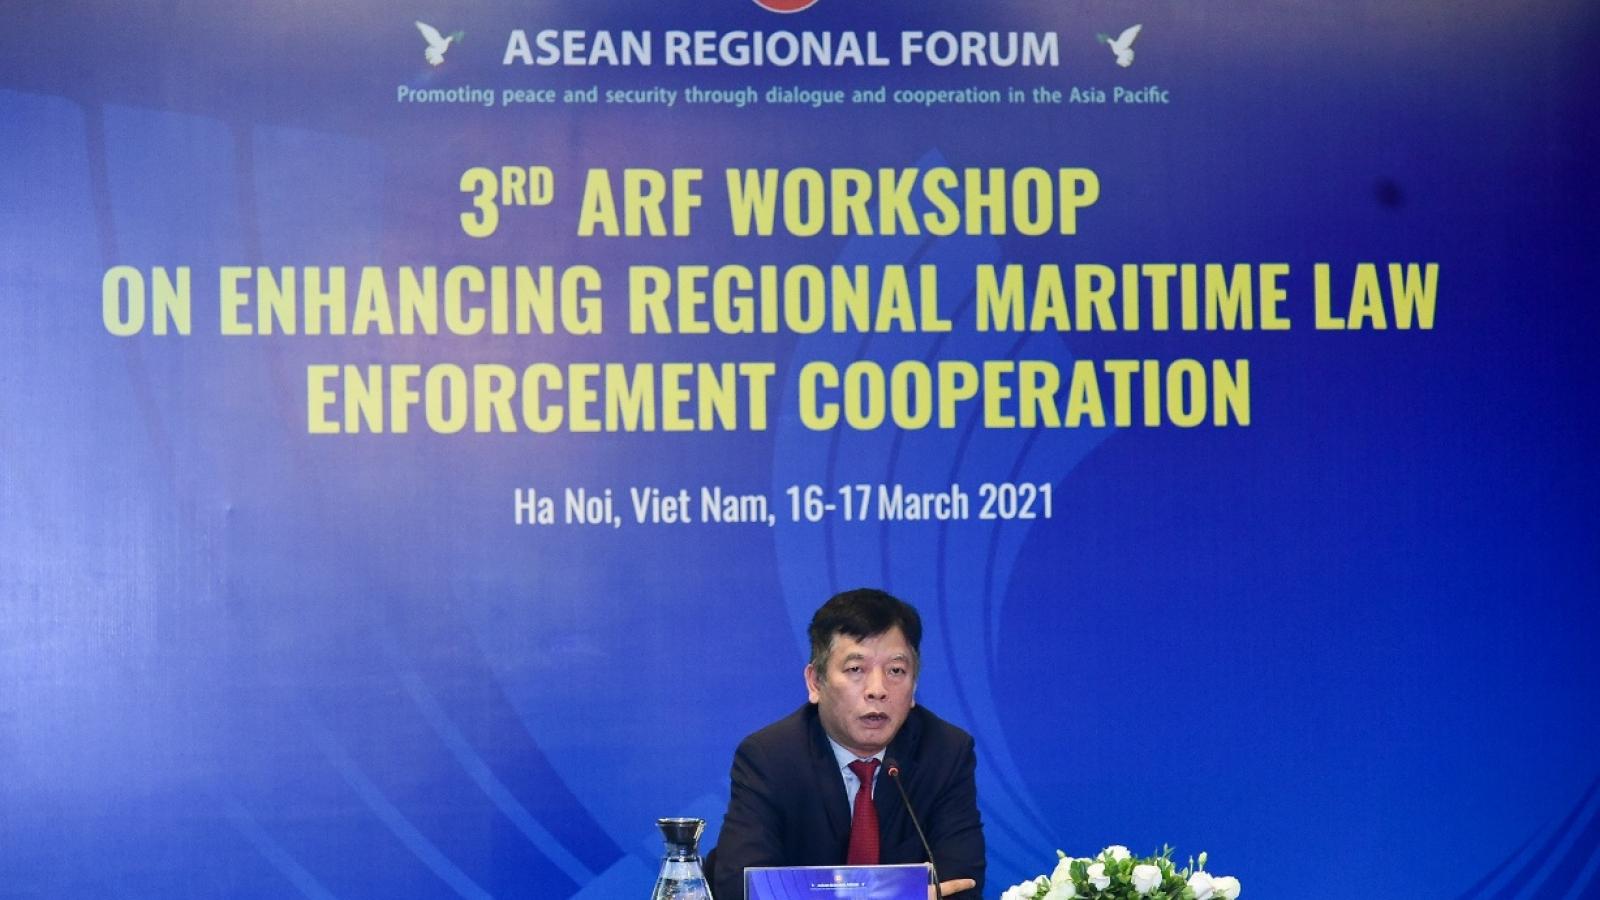 Hội thảo ARF lần thứ 3 về tăng cường hợp tác thực thi pháp luật trên biển